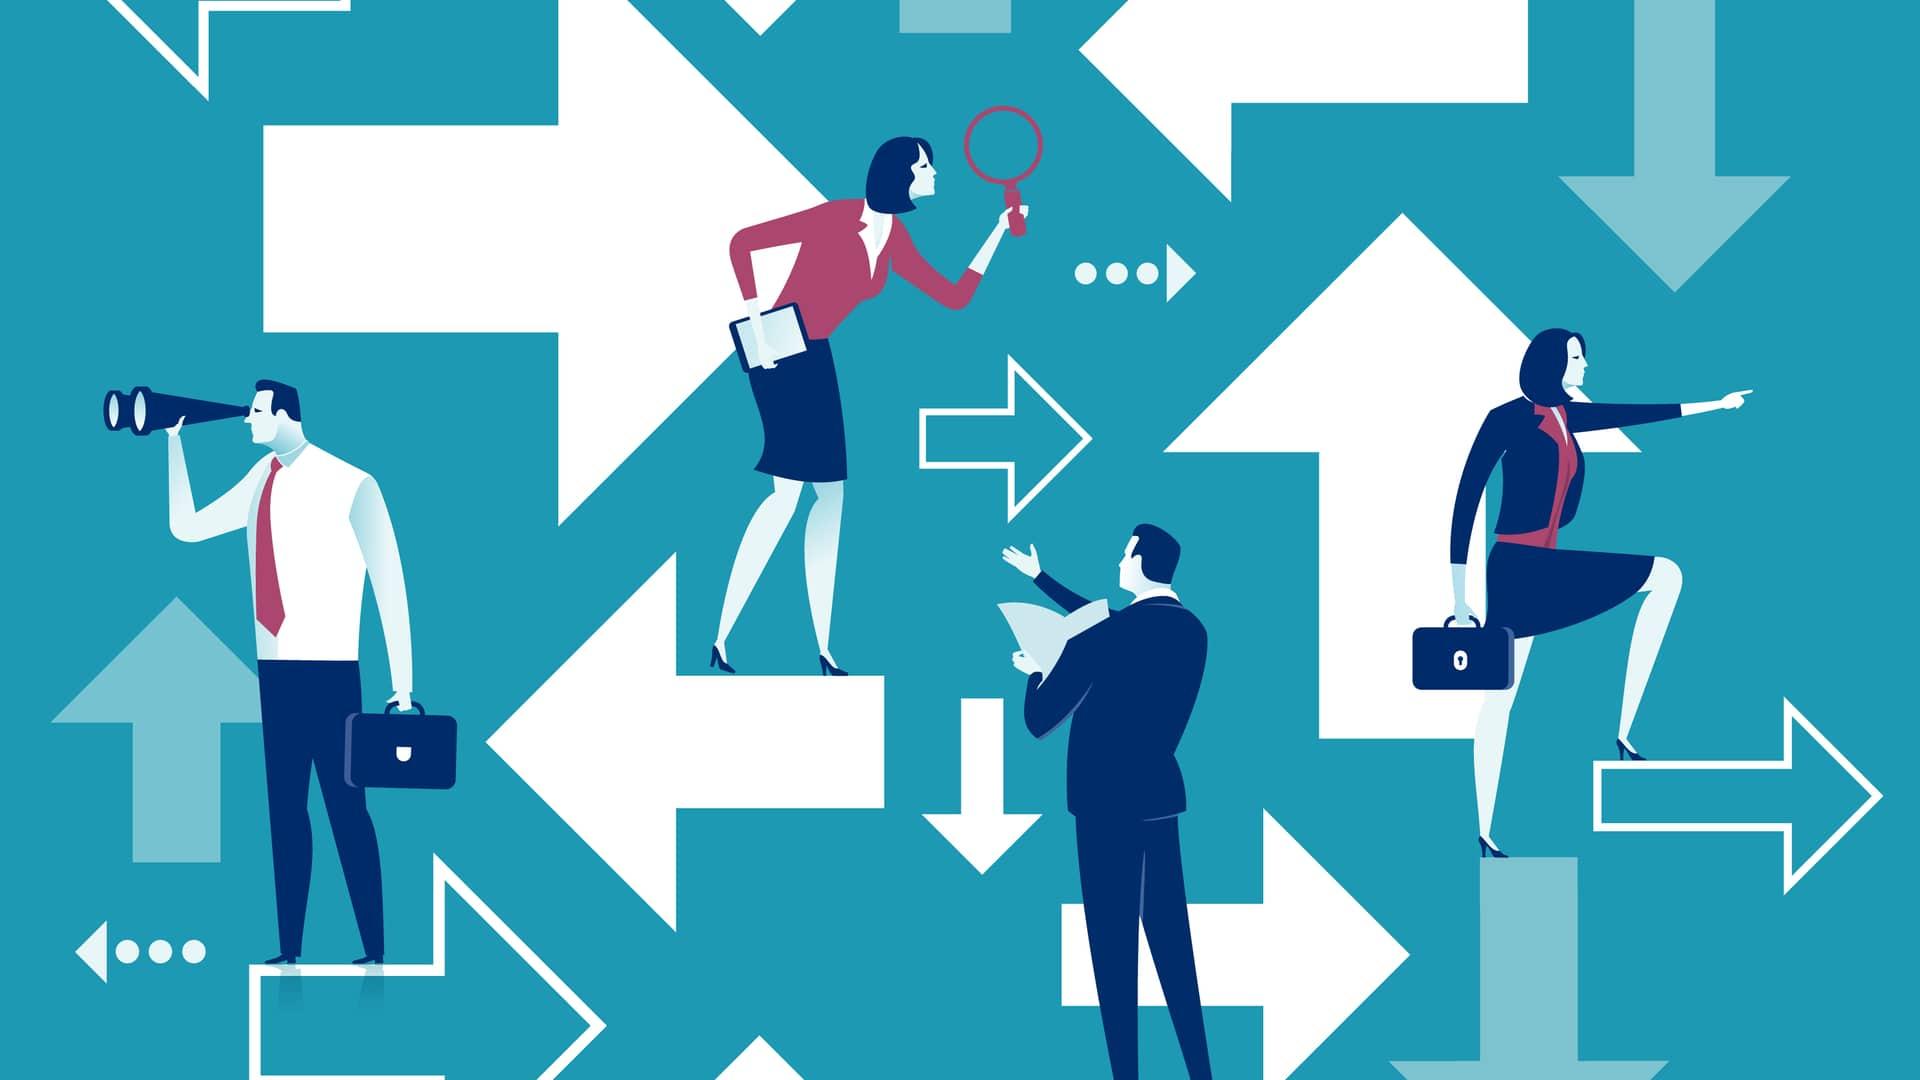 【Google社の仕事術から学ぶ】無駄を徹底的に省いた働き方とすぐに導入できる効率化ツール